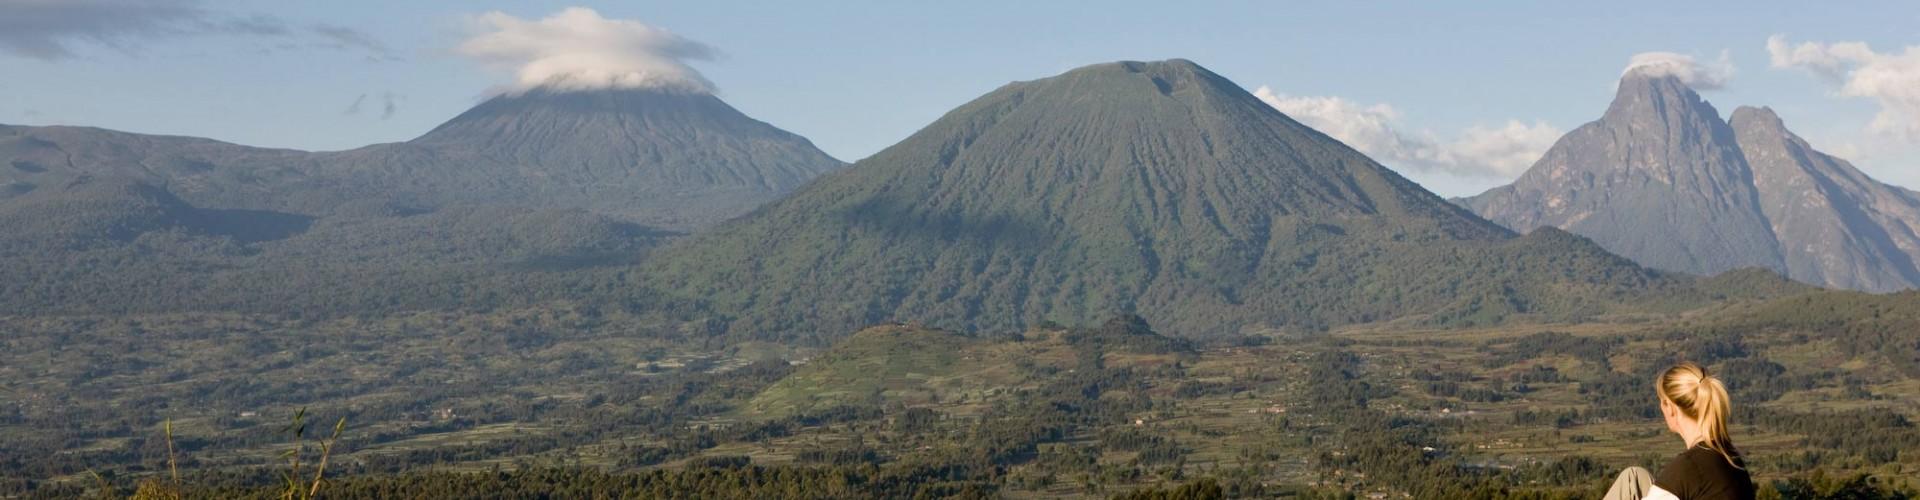 sabyinyo panorama 2000x1333